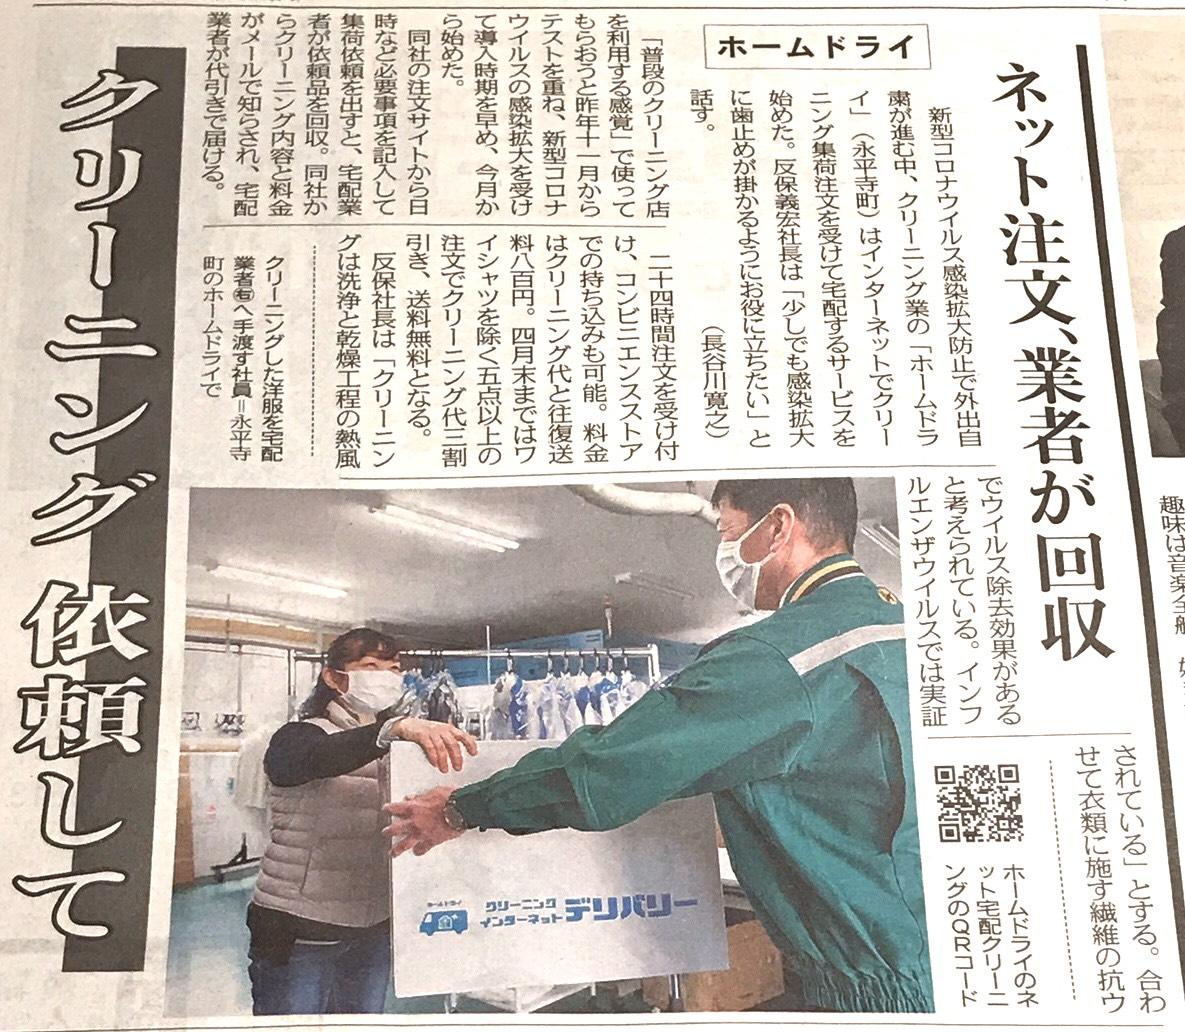 日刊県民福井(中日新聞社発行)で紹介されました。